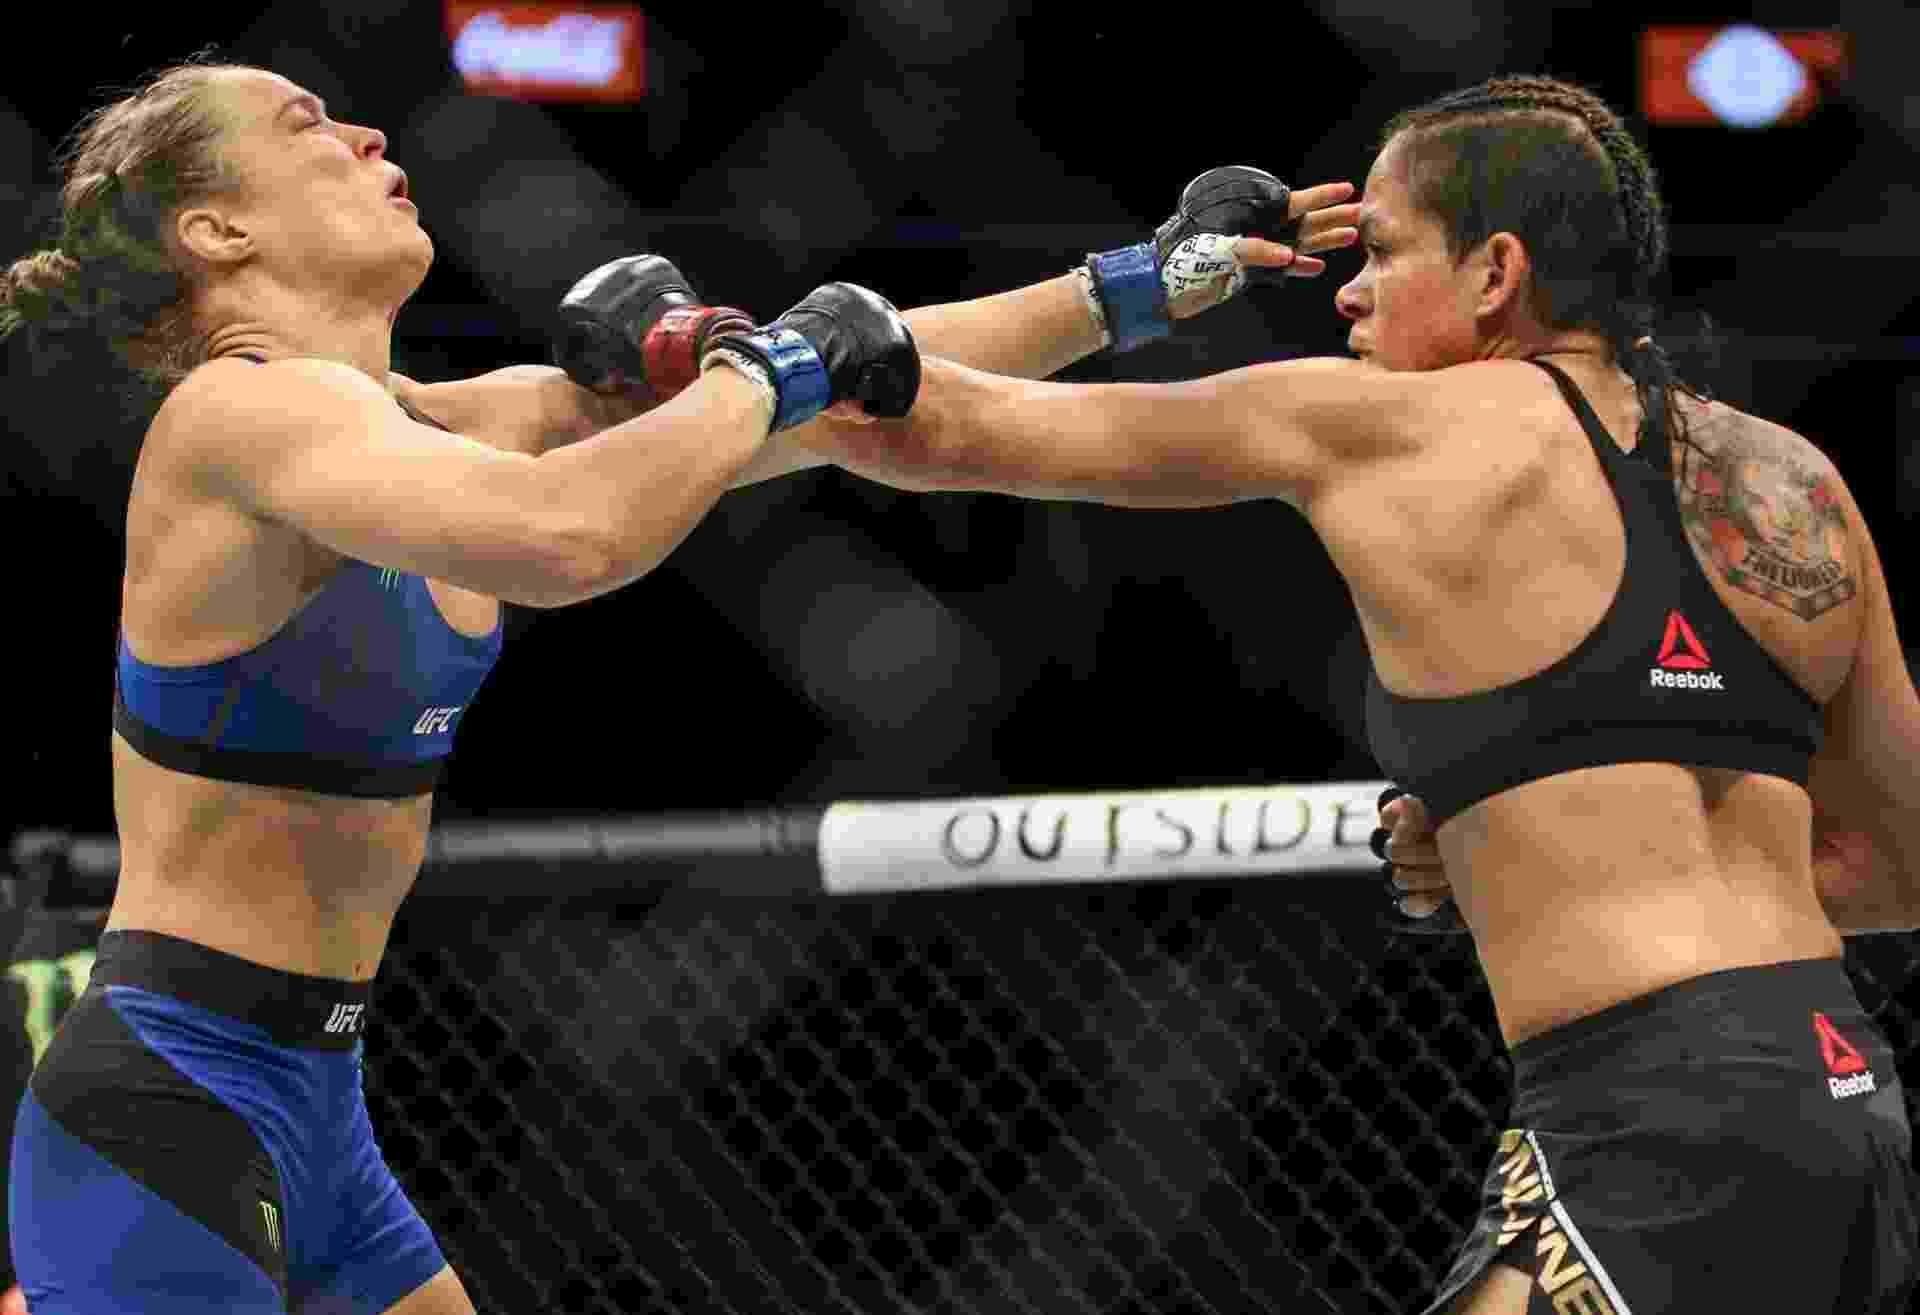 Amanda Nunes nocauteia Ronda Rousey em 48 segundos no UFC 207 e mantém o cinturão dos galos - Rigel Salazar/Ag. Fight